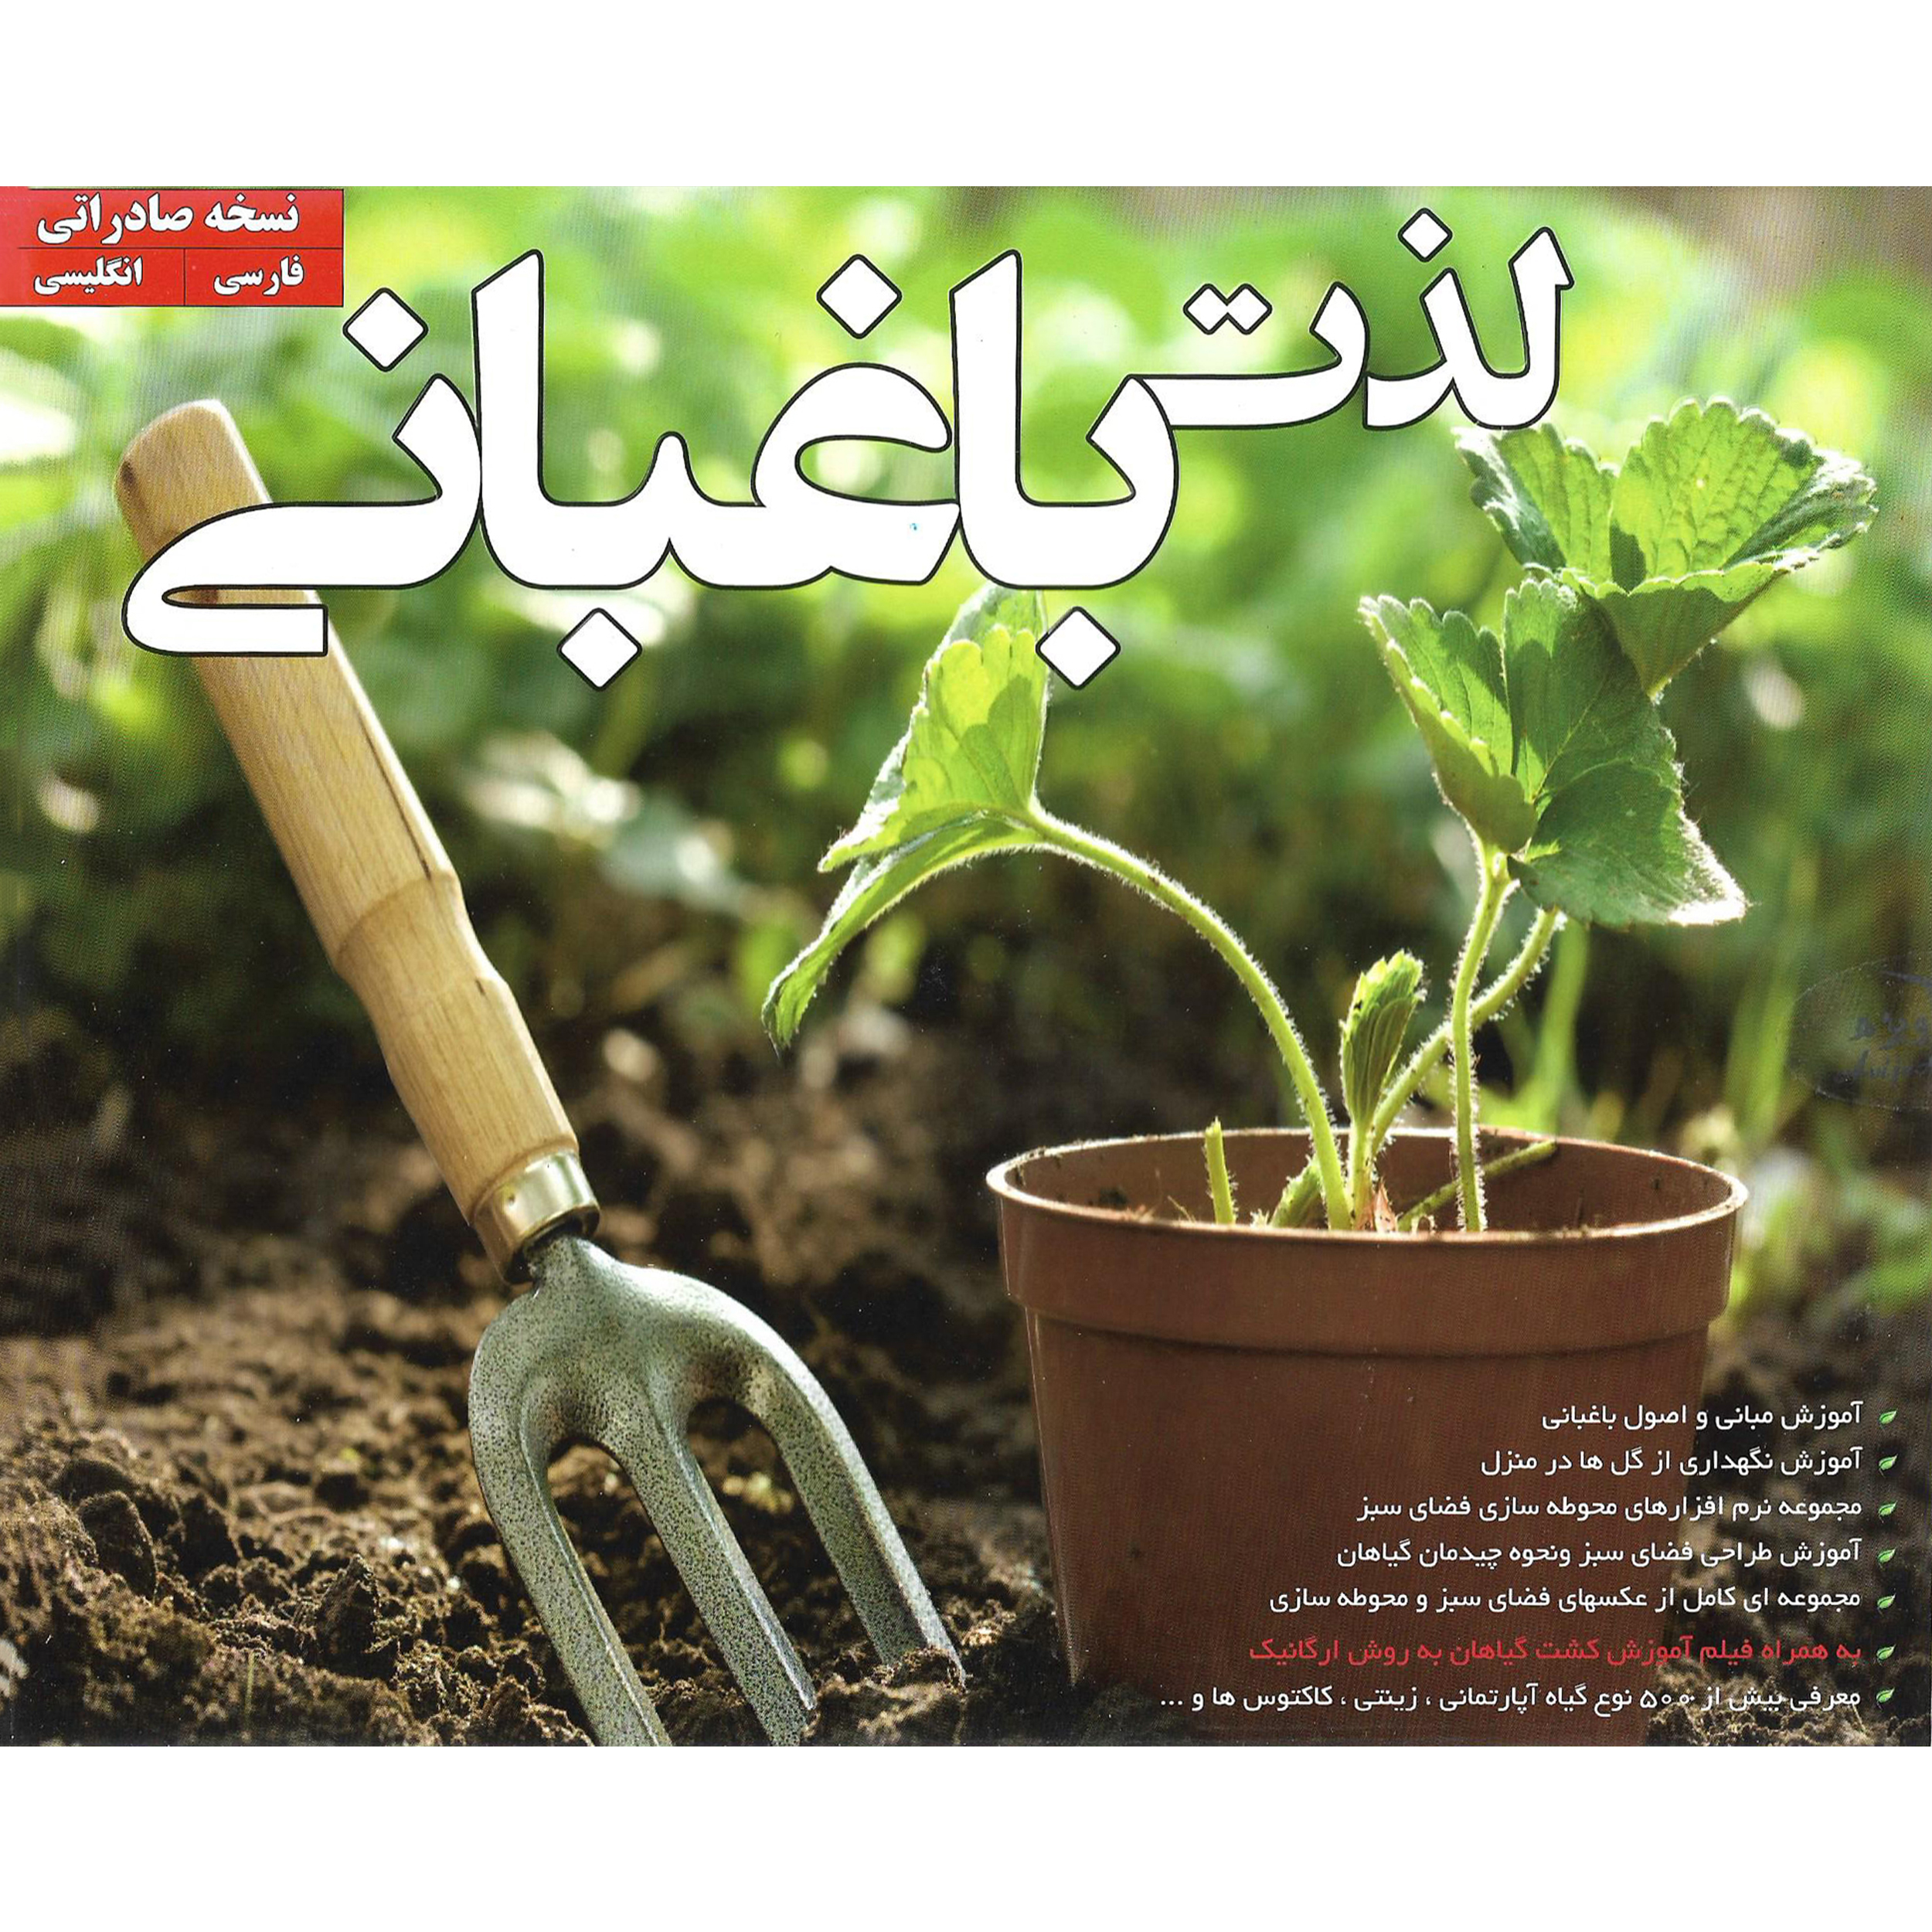 نرم افزار آموزش لذت باغبانی نشر آویژه